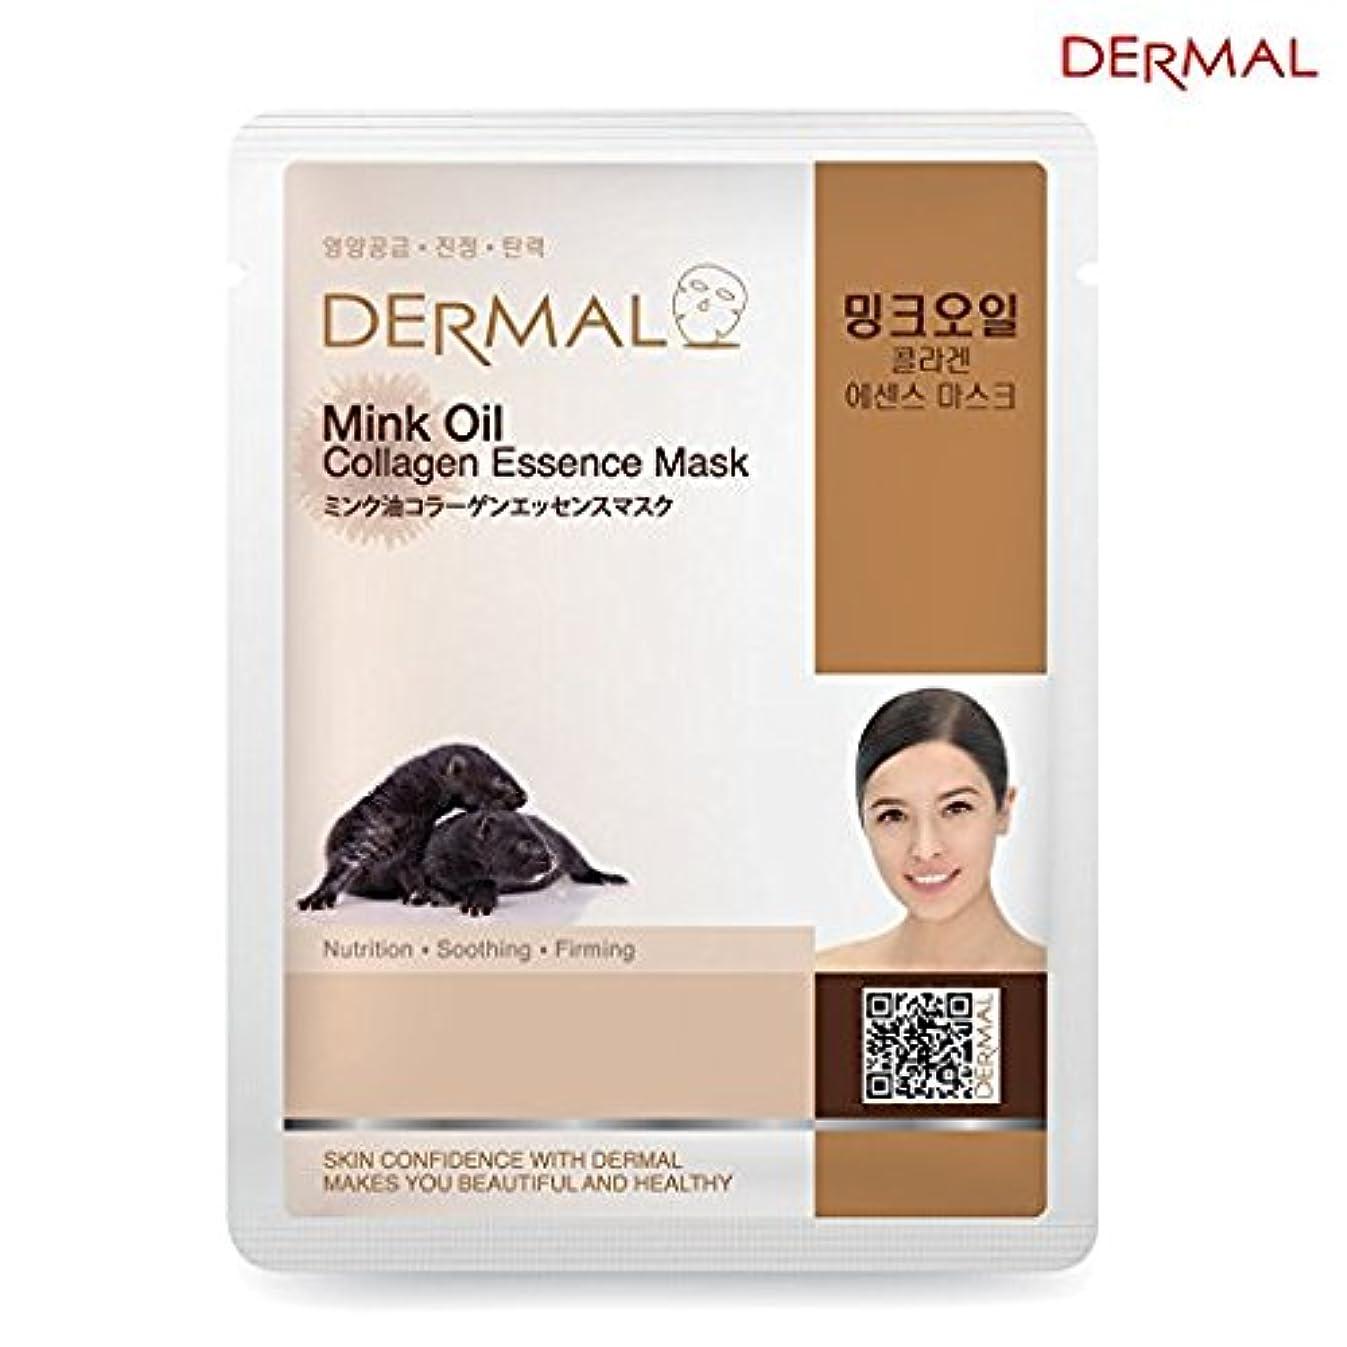 周波数エンターテインメント野なシート マスク ミンク油エキス ダーマル Dermal 23g (100枚セット) 韓国コスメ コラーゲンエッセンスマスク フェイス パック